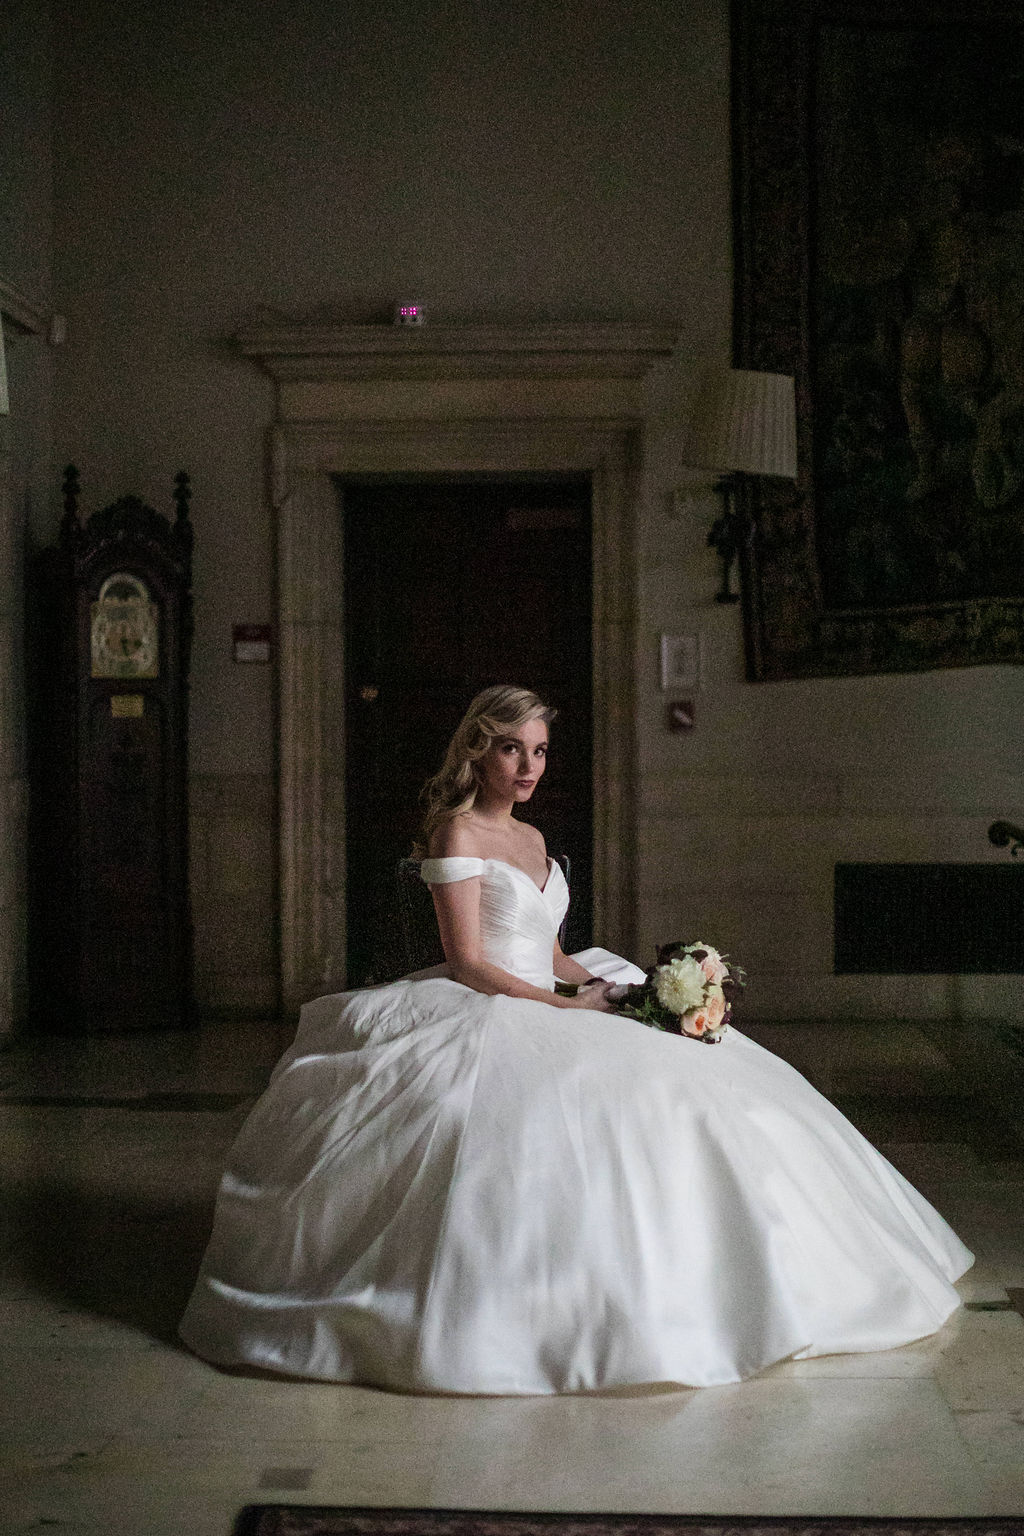 369_alex+kyle_wedding_by_Amber_Marlow.jpg